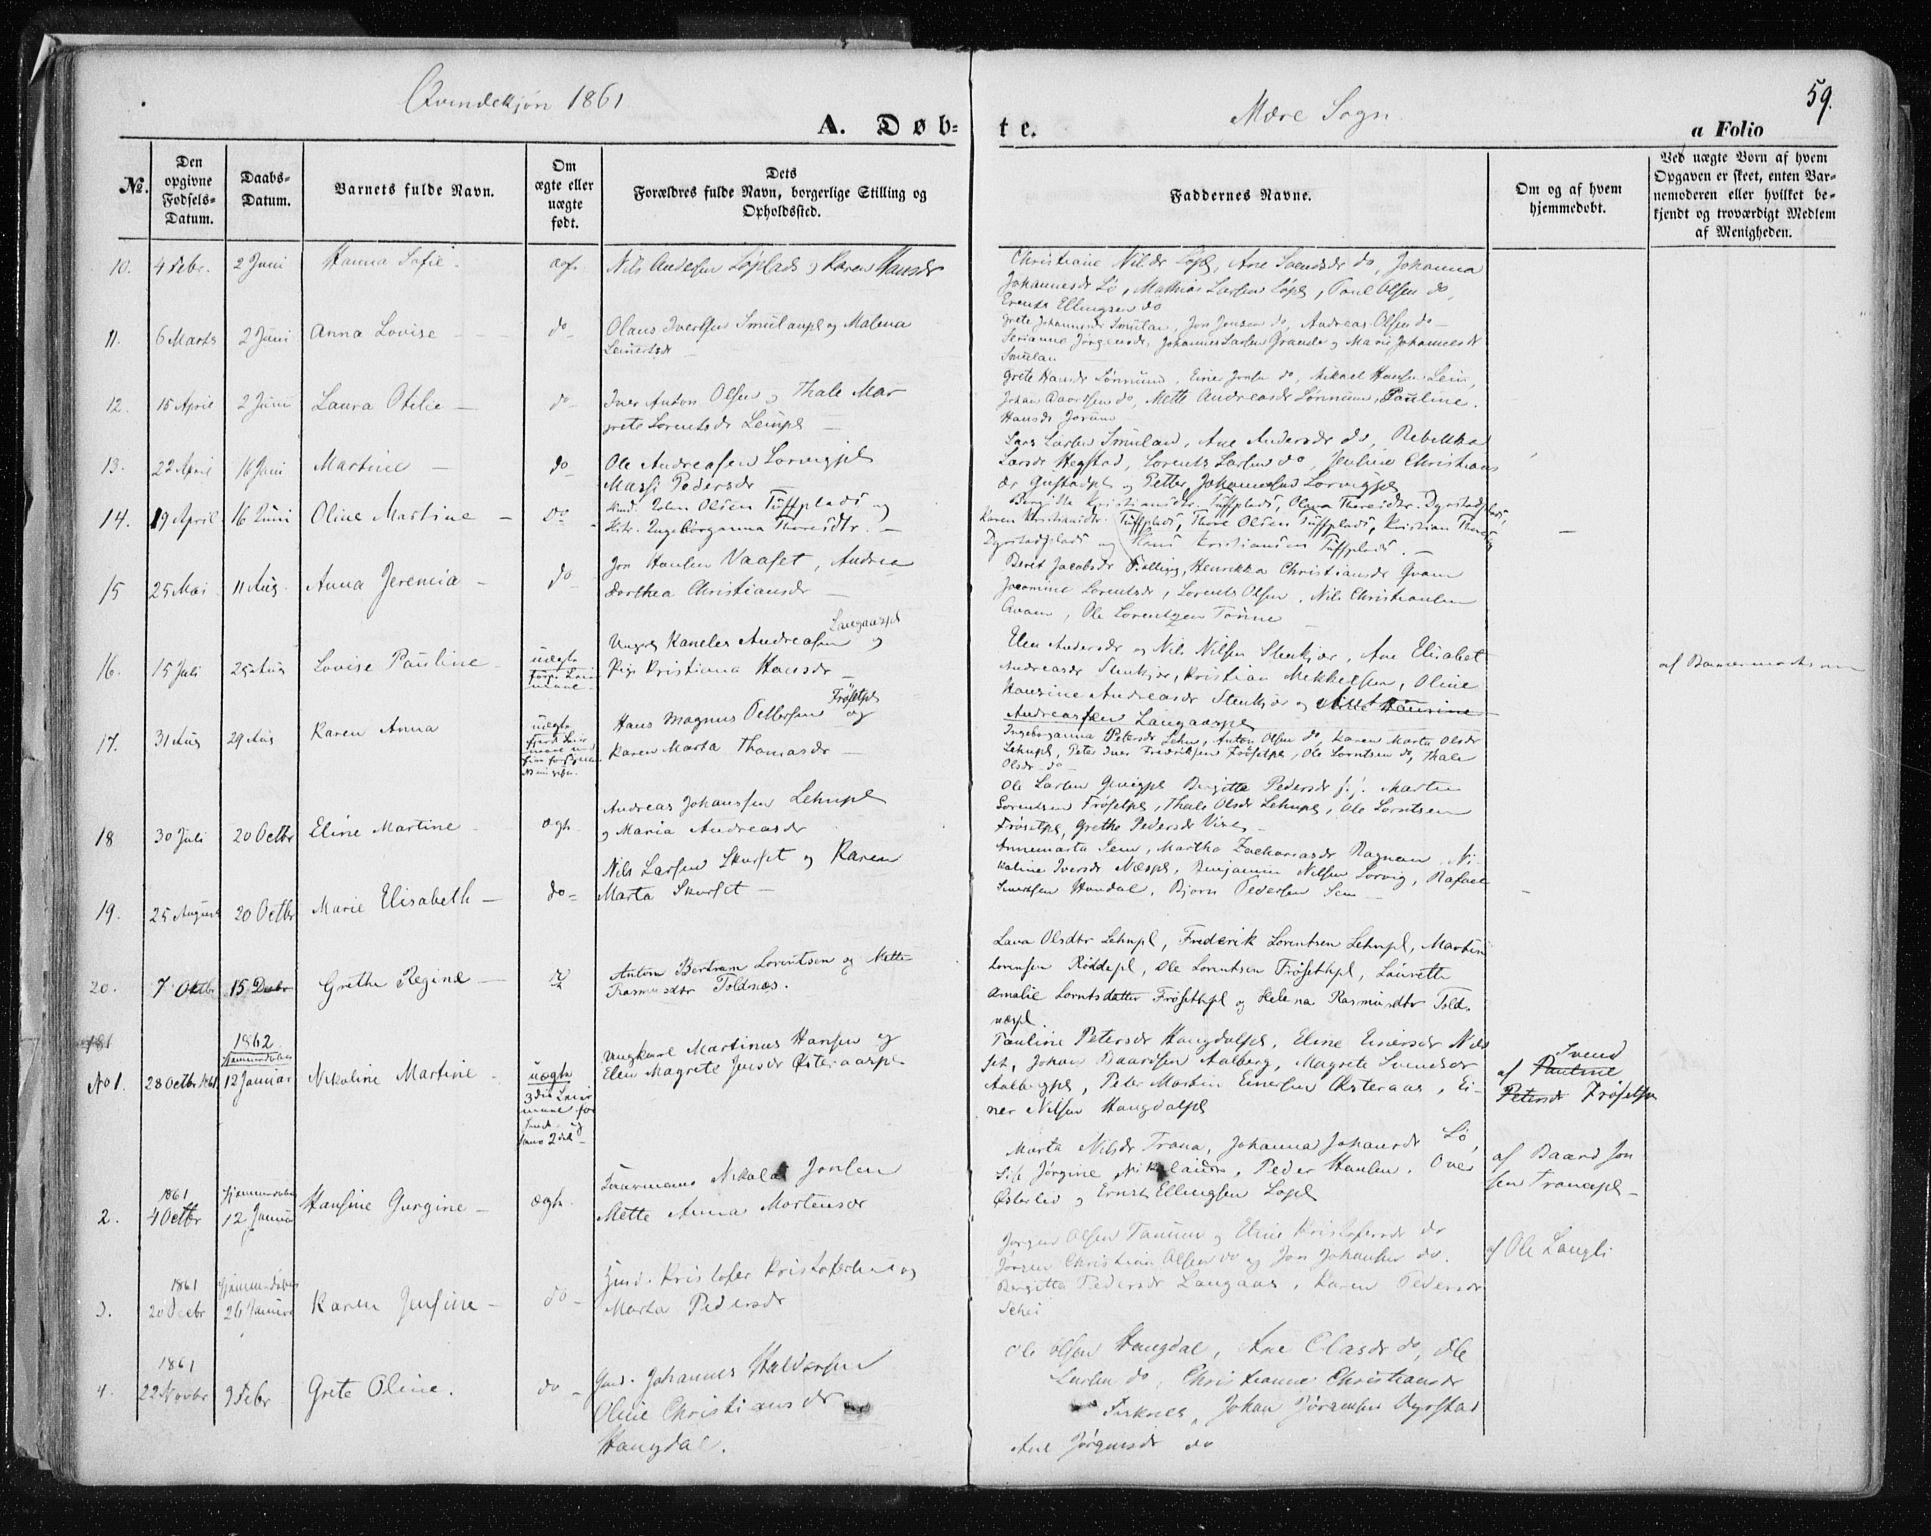 SAT, Ministerialprotokoller, klokkerbøker og fødselsregistre - Nord-Trøndelag, 735/L0342: Ministerialbok nr. 735A07 /1, 1849-1862, s. 59